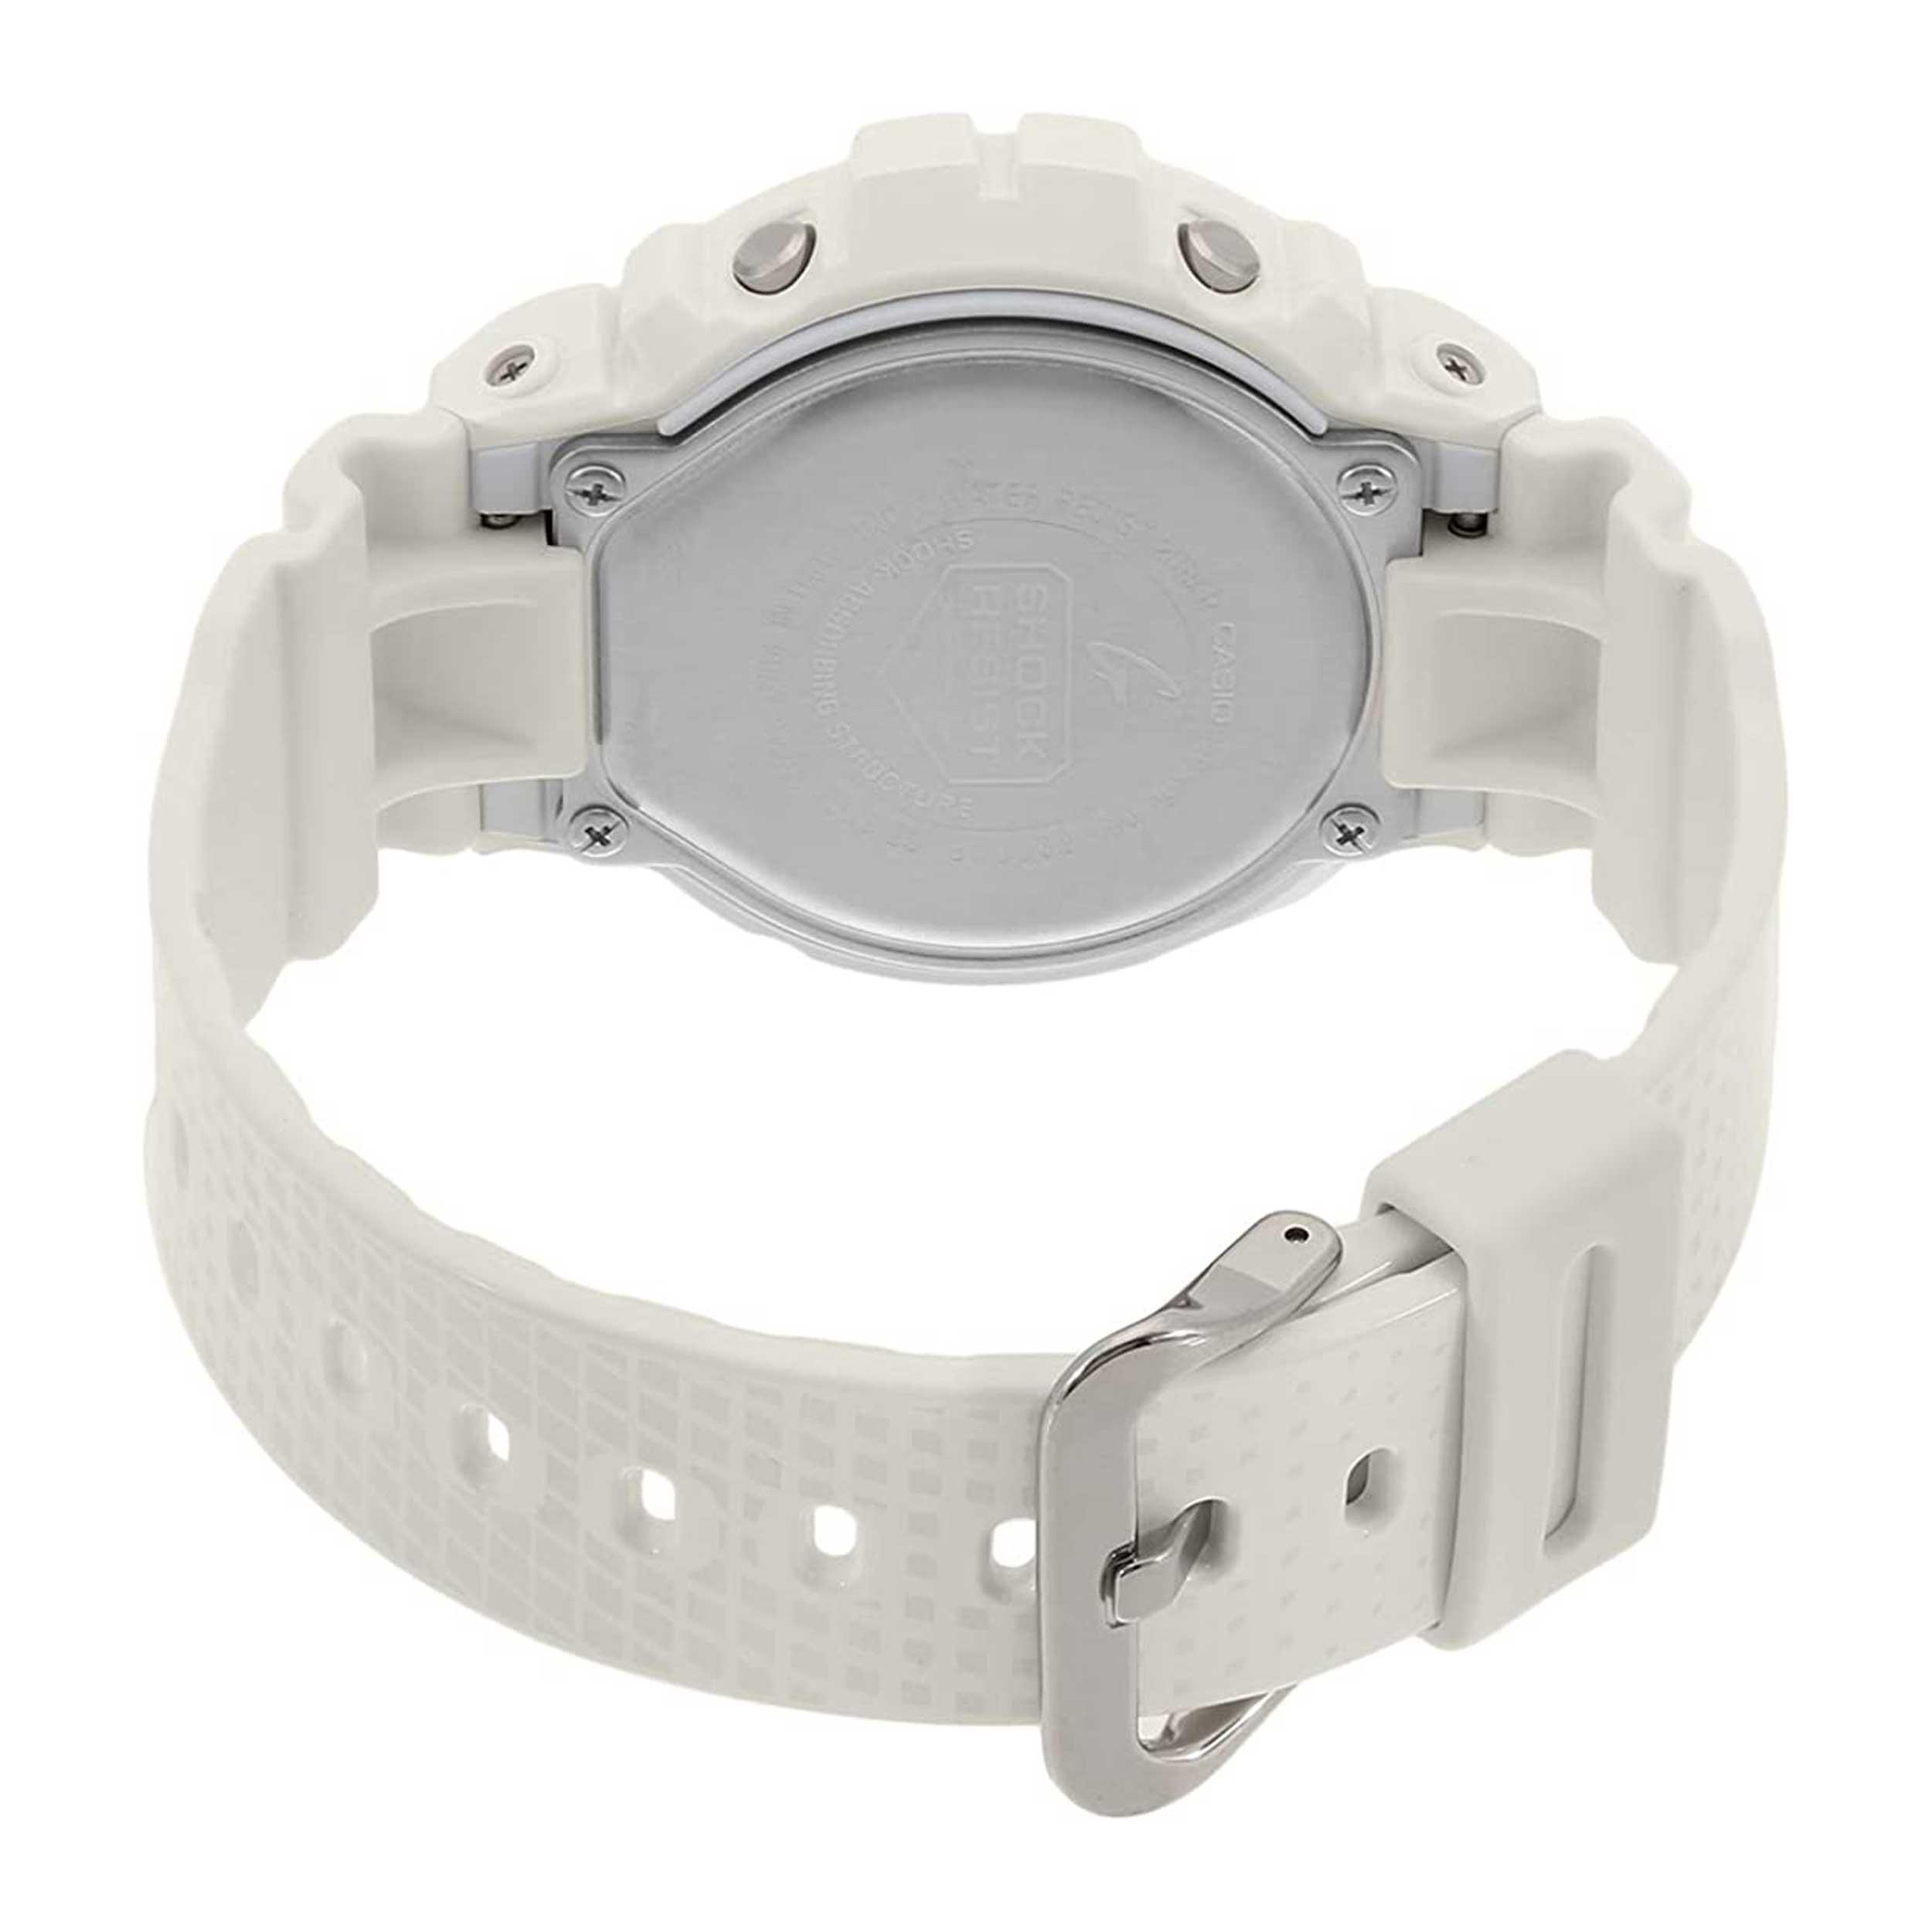 ساعت مچی دیجیتال مردانه کاسیو مدل DW-6900NB-7DR